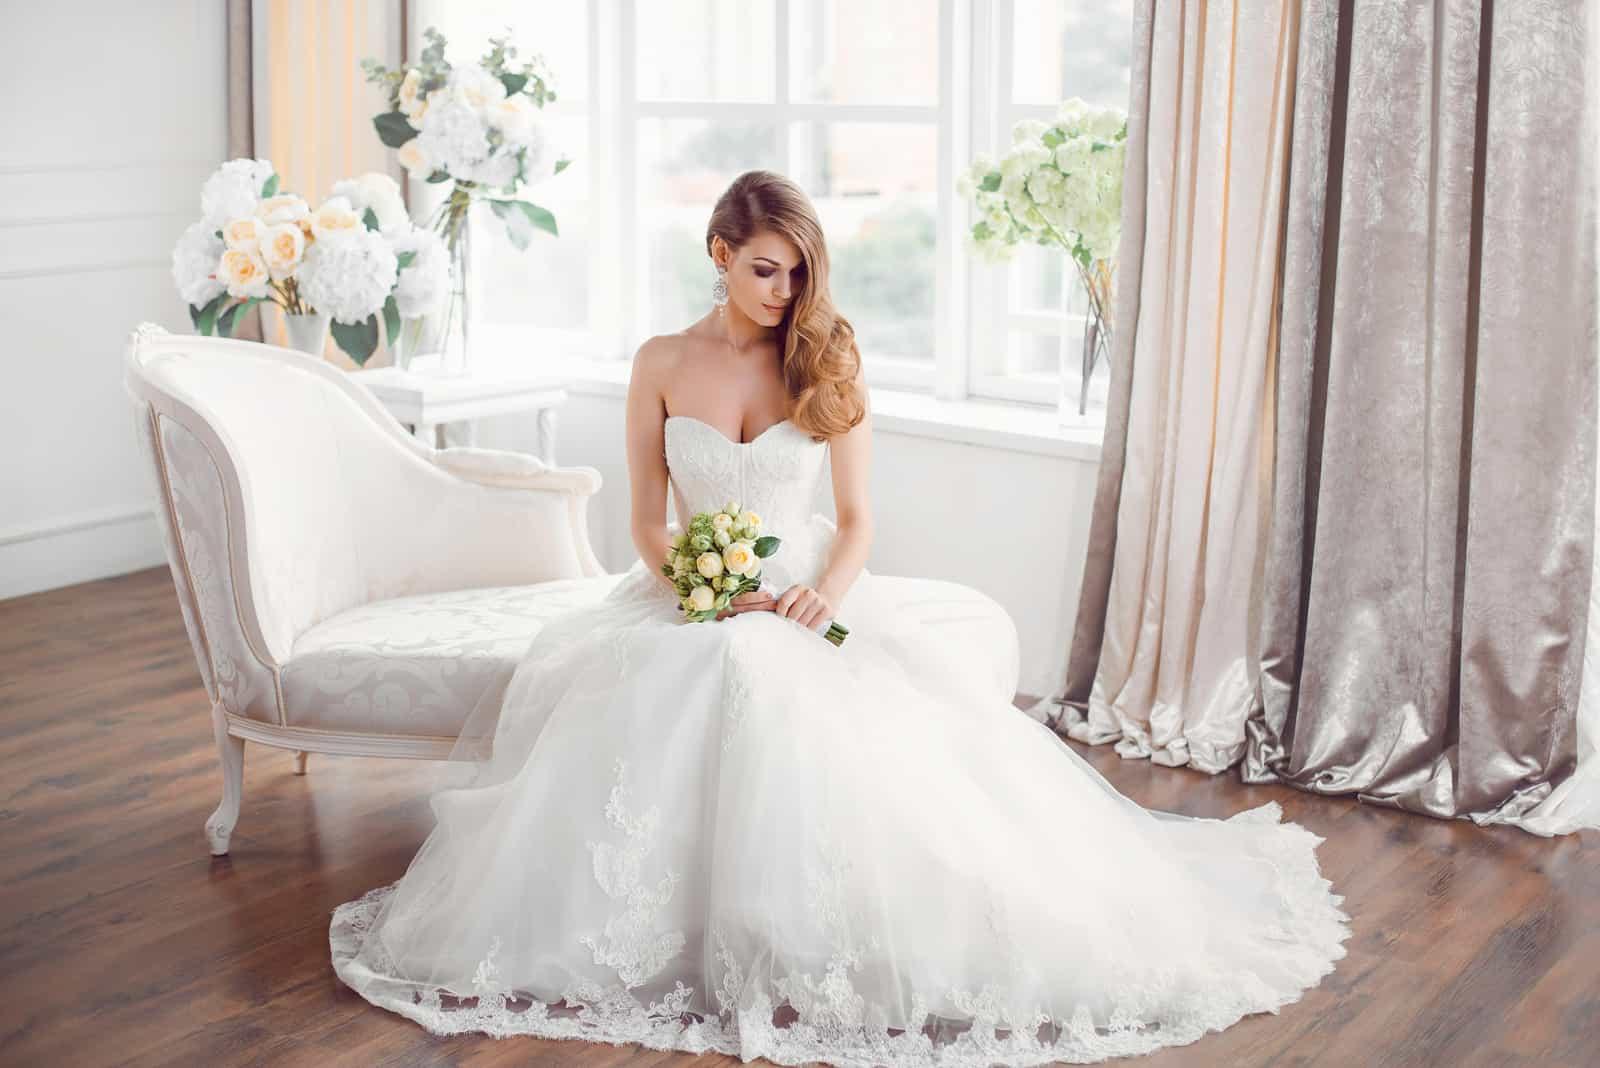 Braut im schönen Kleid sitzt auf dem Sofa